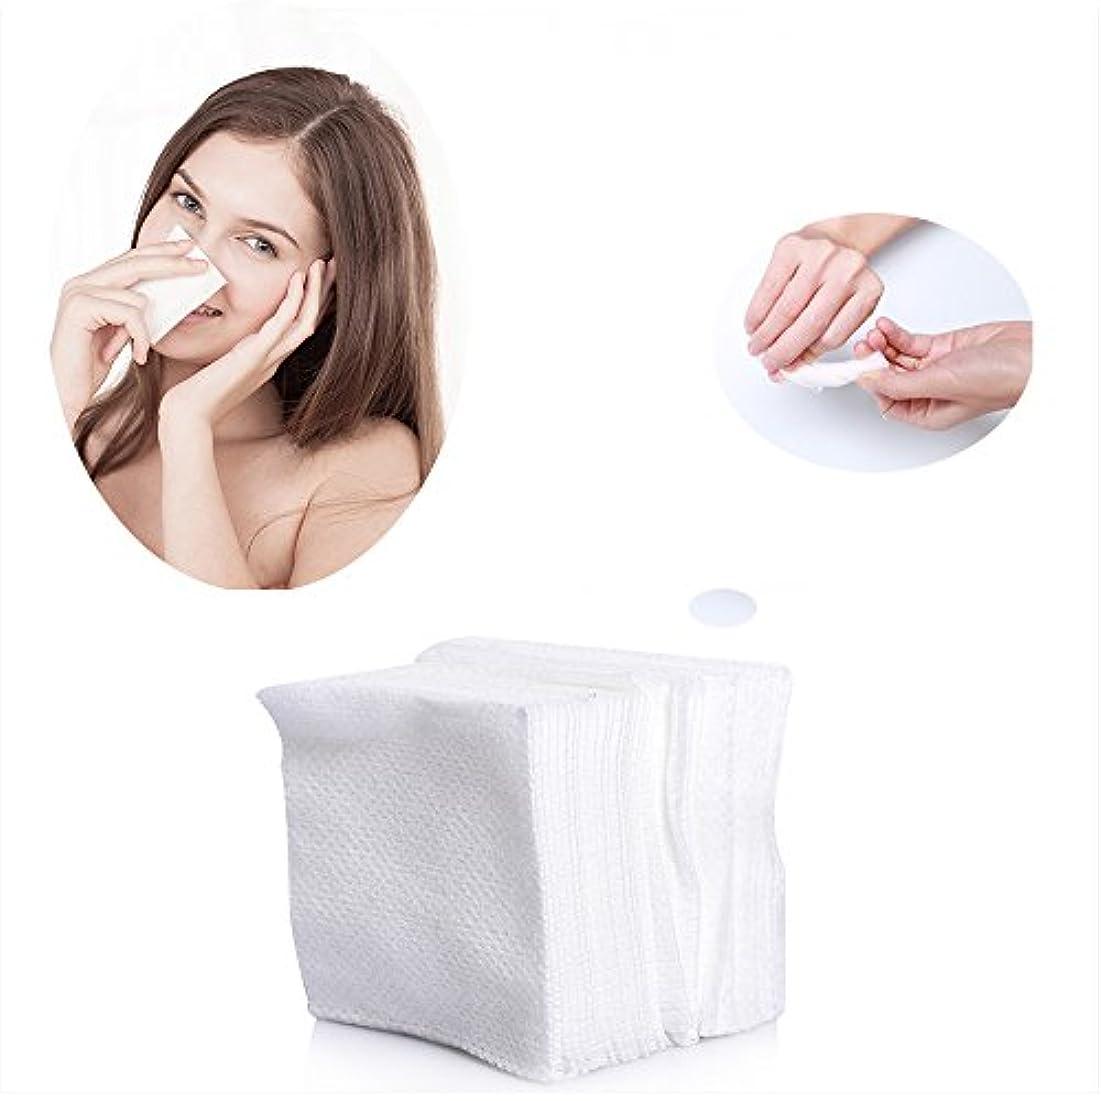 バイパス赤字以下コットンパフ 化粧用コットン 敏感肌 顔拭きシート メイクアップ コットン 100枚入